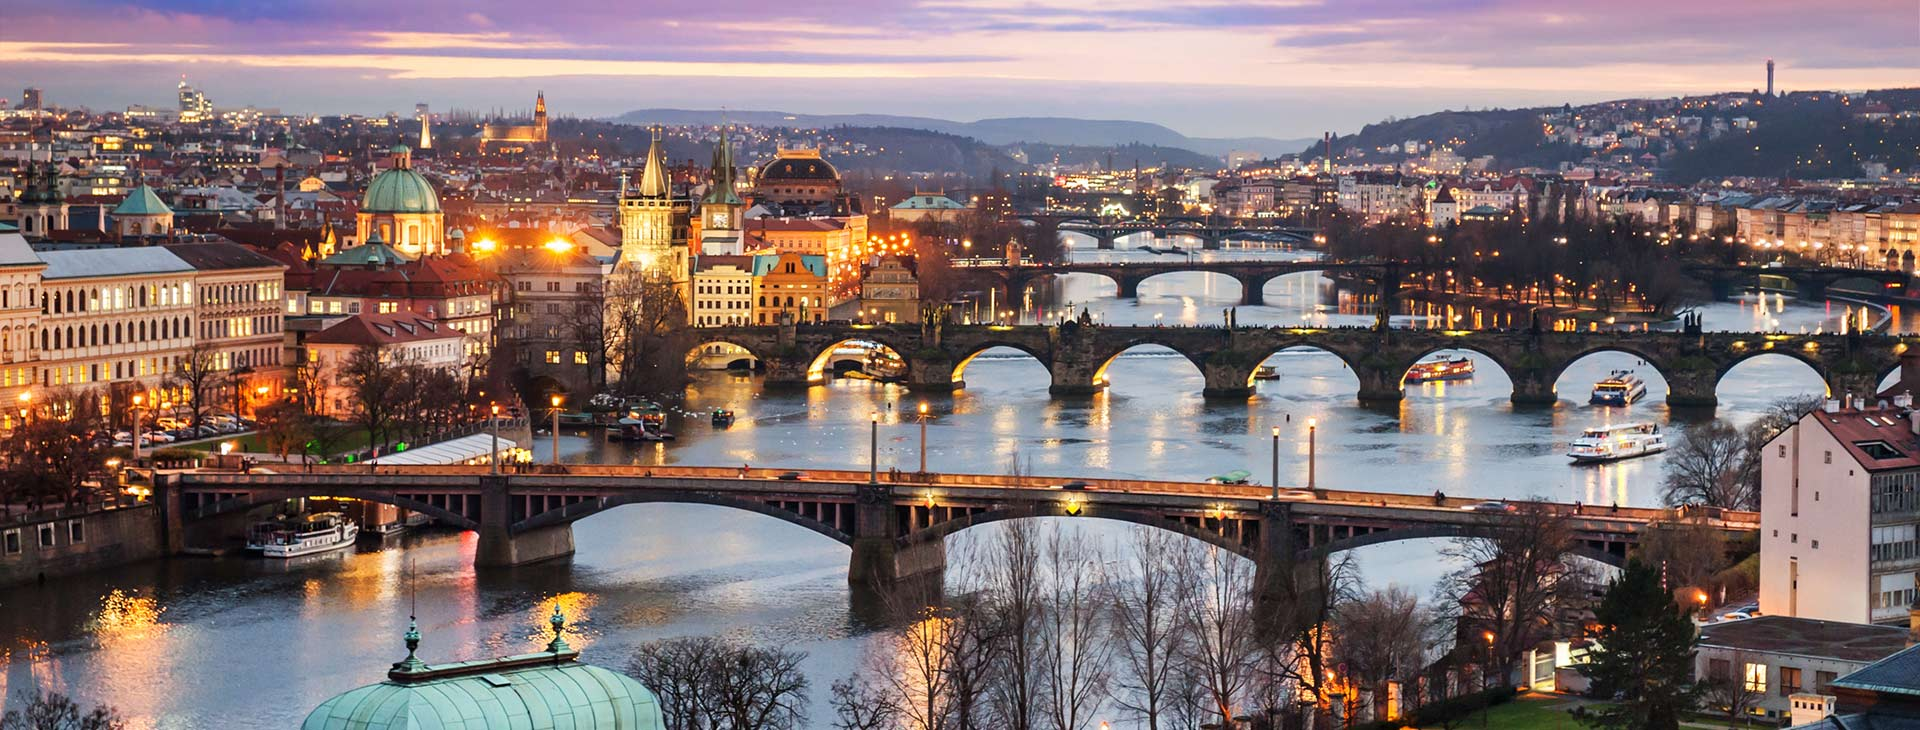 Czeskie Impresje czyli magiczna Praga i Karlove Vary - dla wygodnych